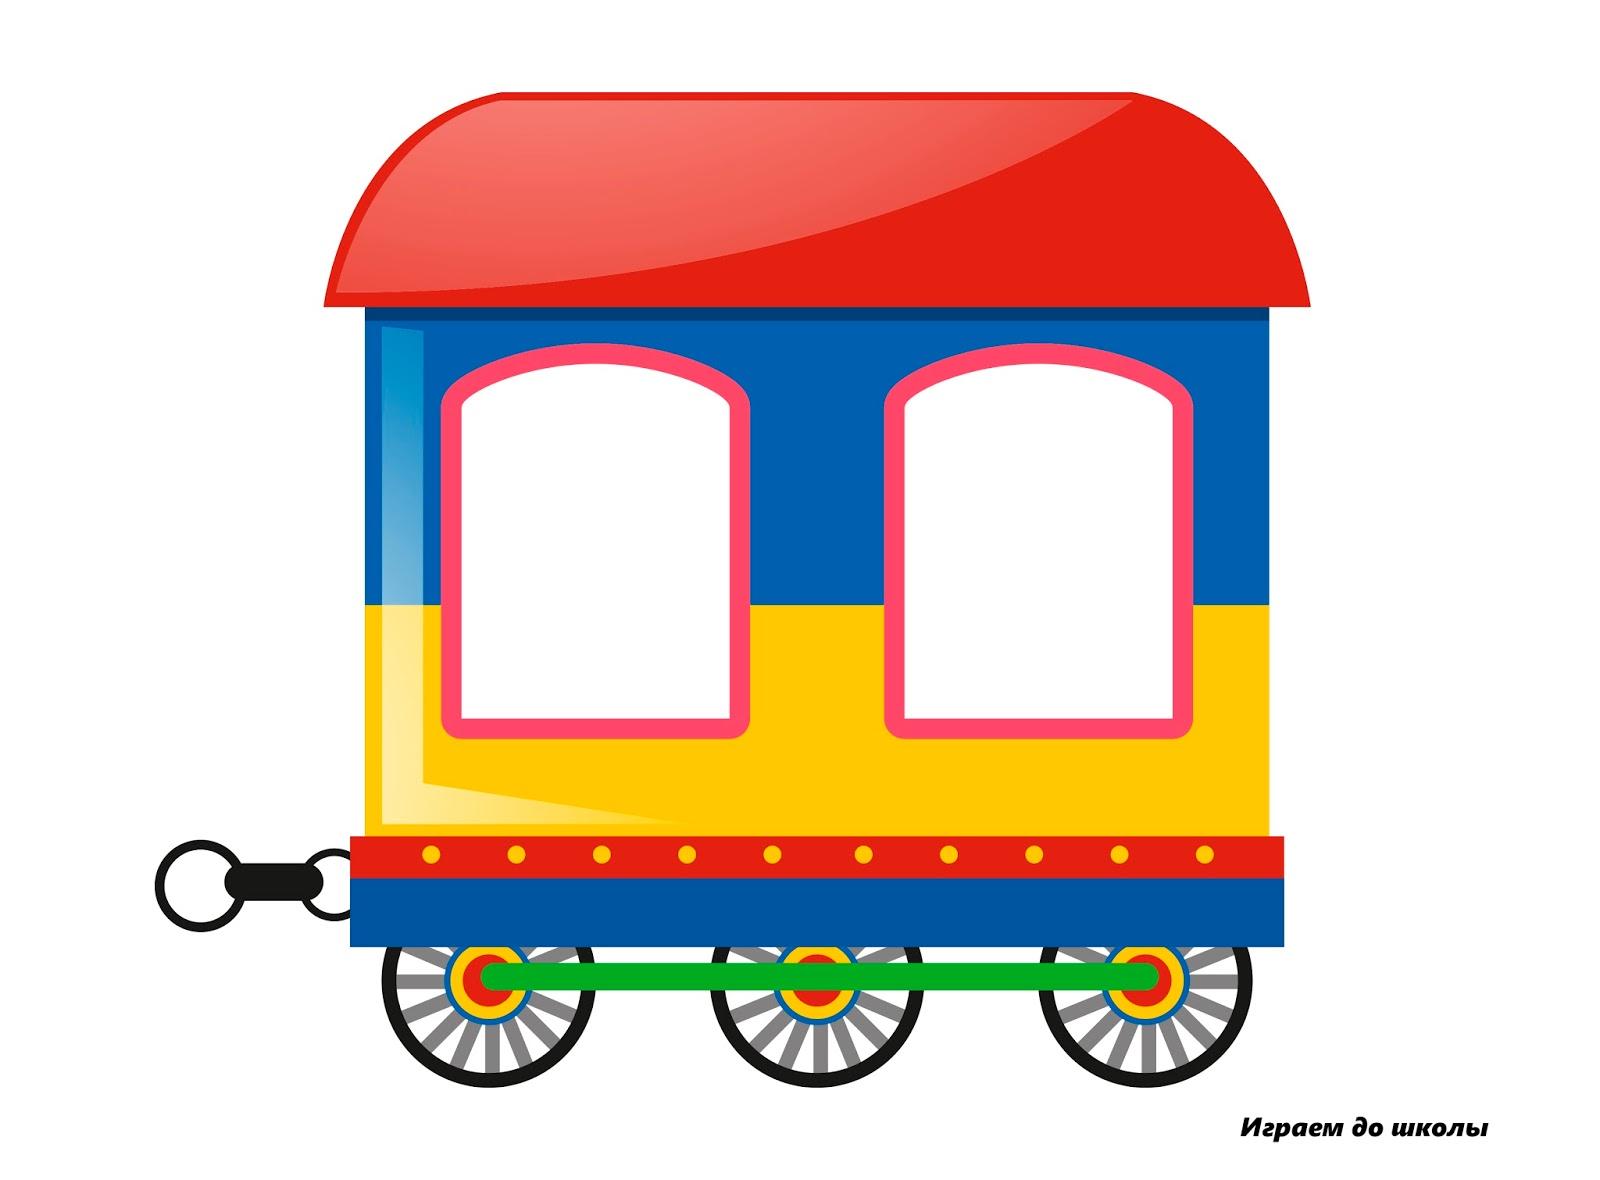 моменты, картинка паровозик с вагонами на прозрачном фоне всего